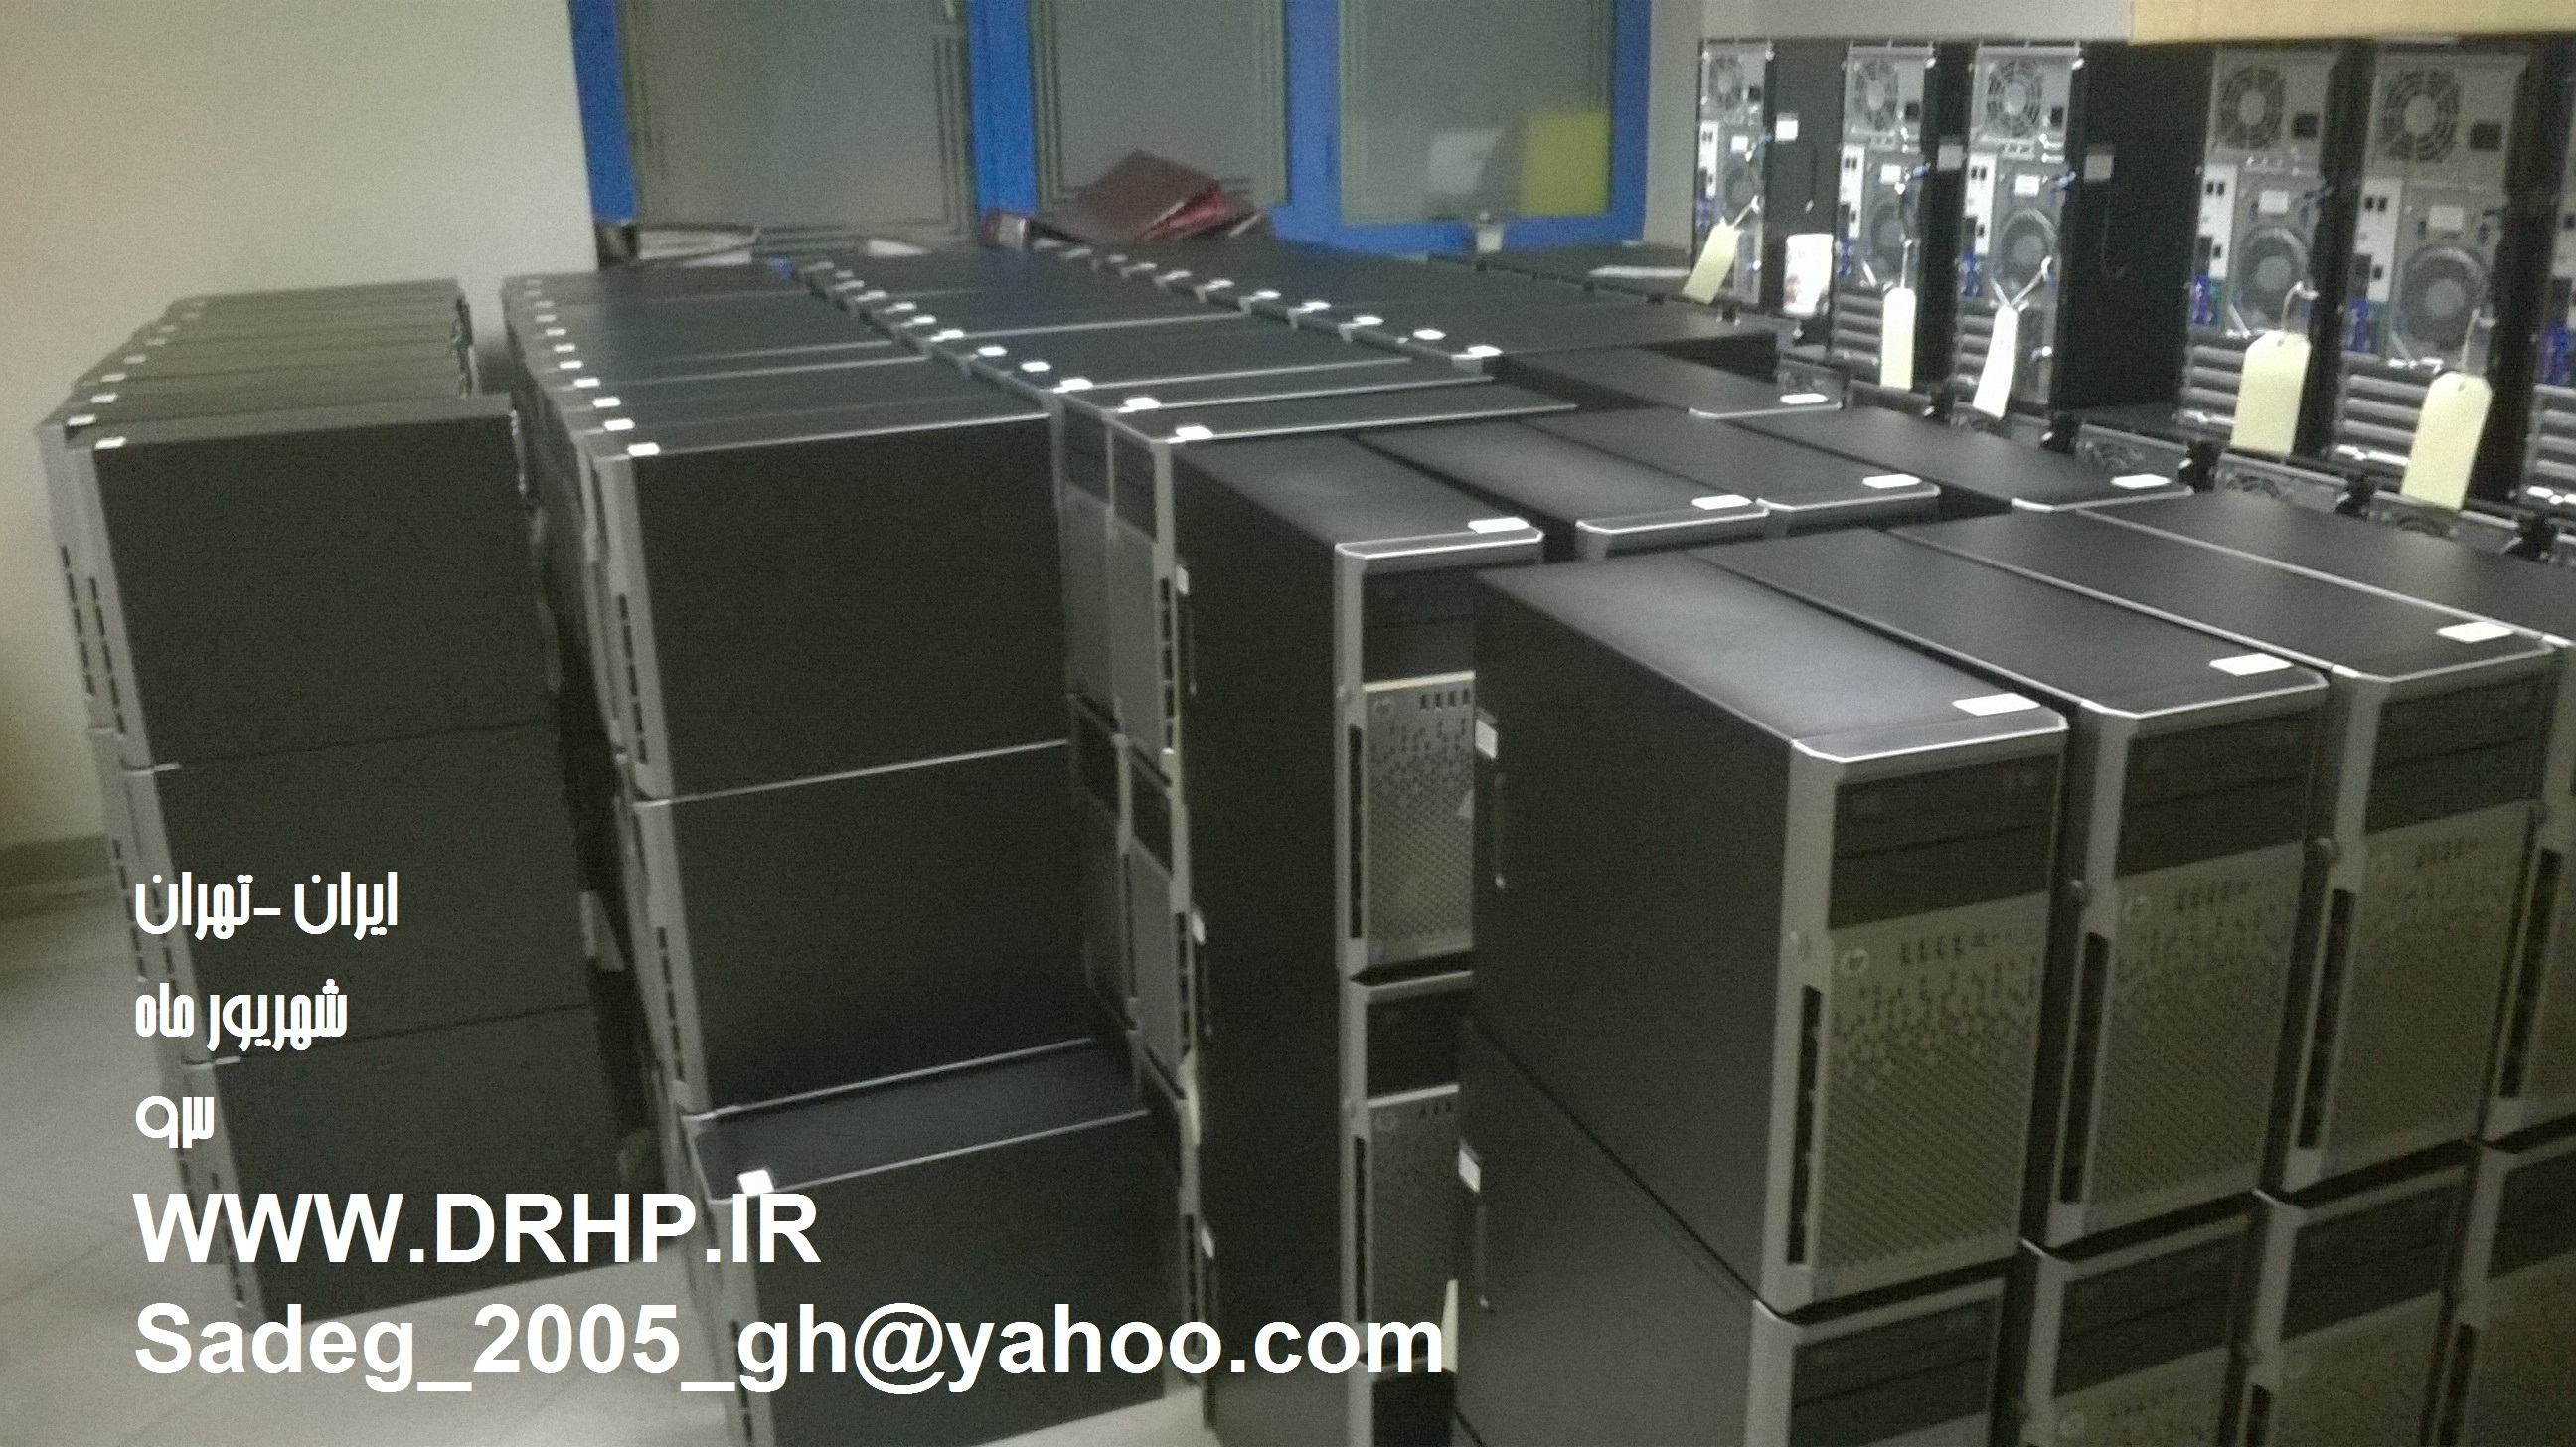 سرور hp سرور اچ پی,فایل سرور ML310 G,قیمت خرید سرور ML310 G8